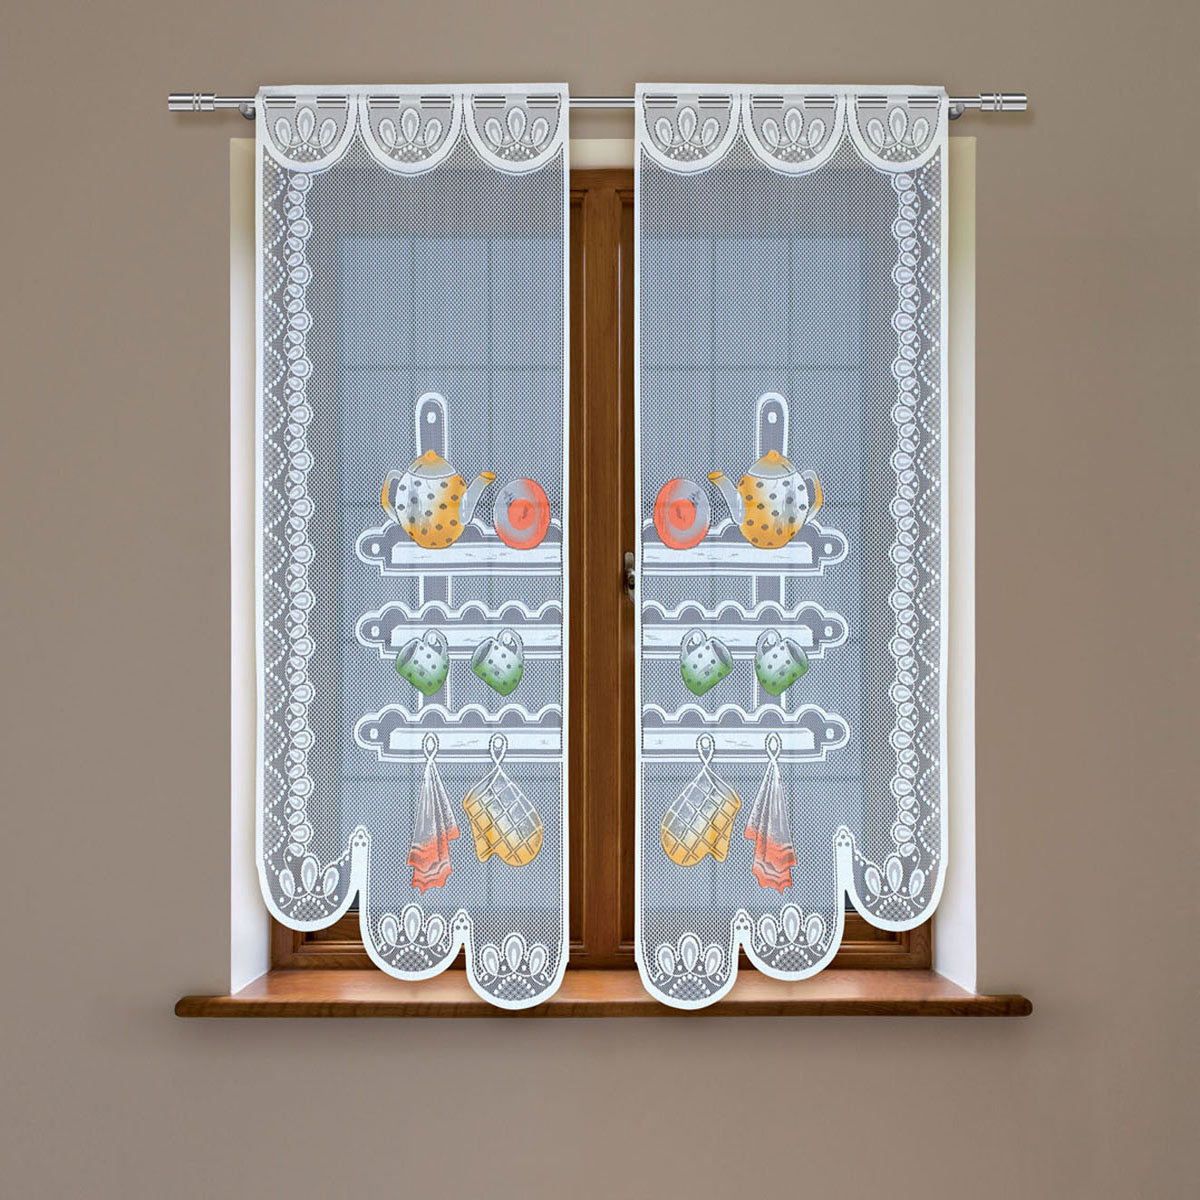 Гардина Haft, цвет: белый, высота 120 см. 8603D/60214250/90Гардина имеет в верхней части полотна прорези, через которые гардина-витраж вывешивается на карниз или можно крепить на зажим для штор,котрый в комплект не входит.Комплект состоит из двух полотен (выс.120* шир.60) Размеры: (высота 120* ширина 60)*2